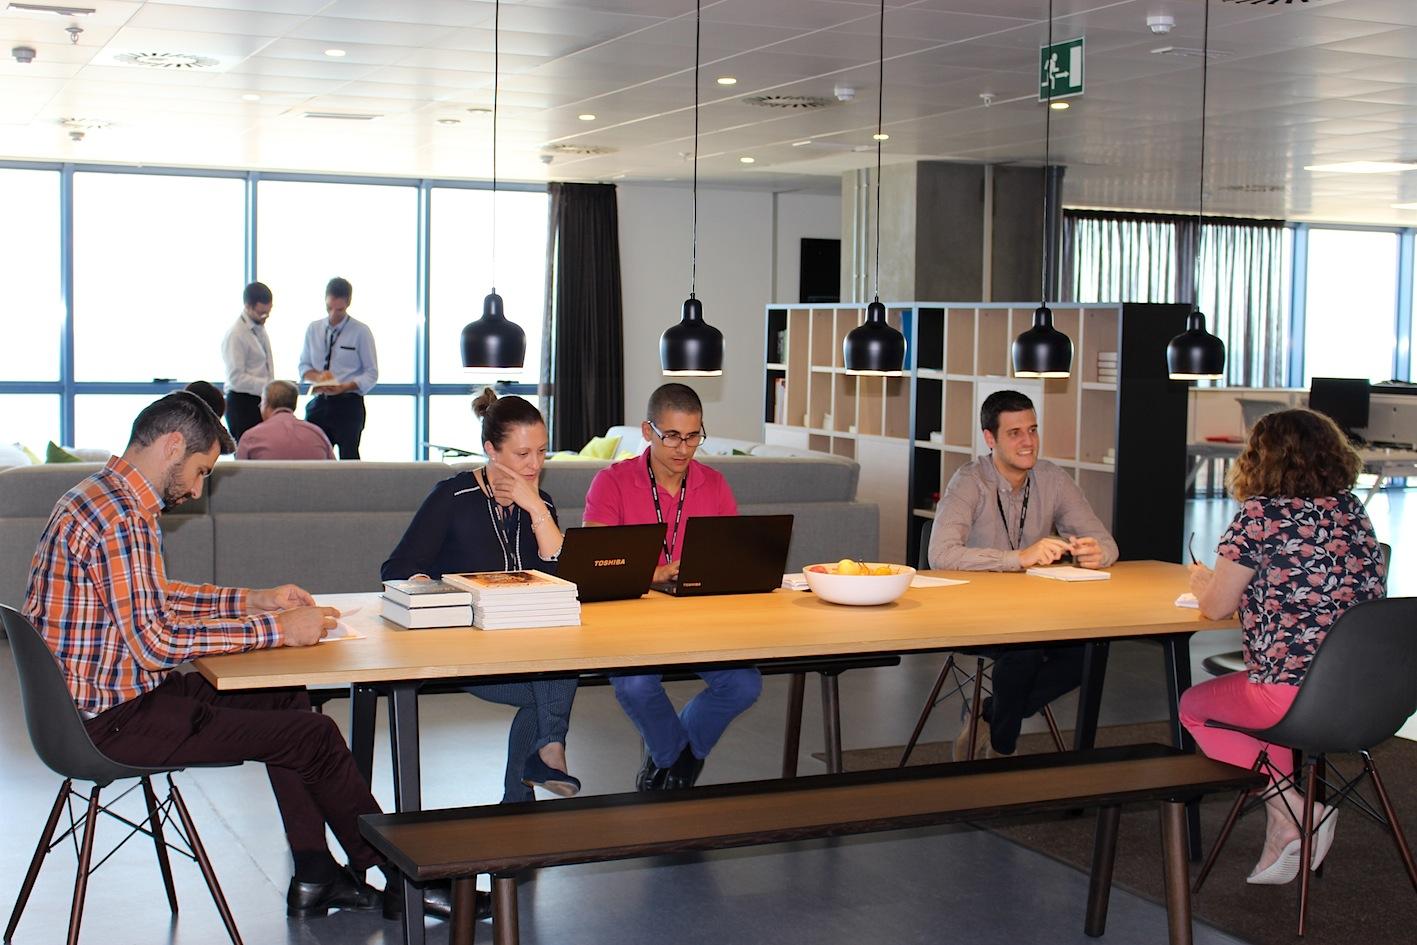 nuevo_edificioasv02 oficinas grupo asv Alicante